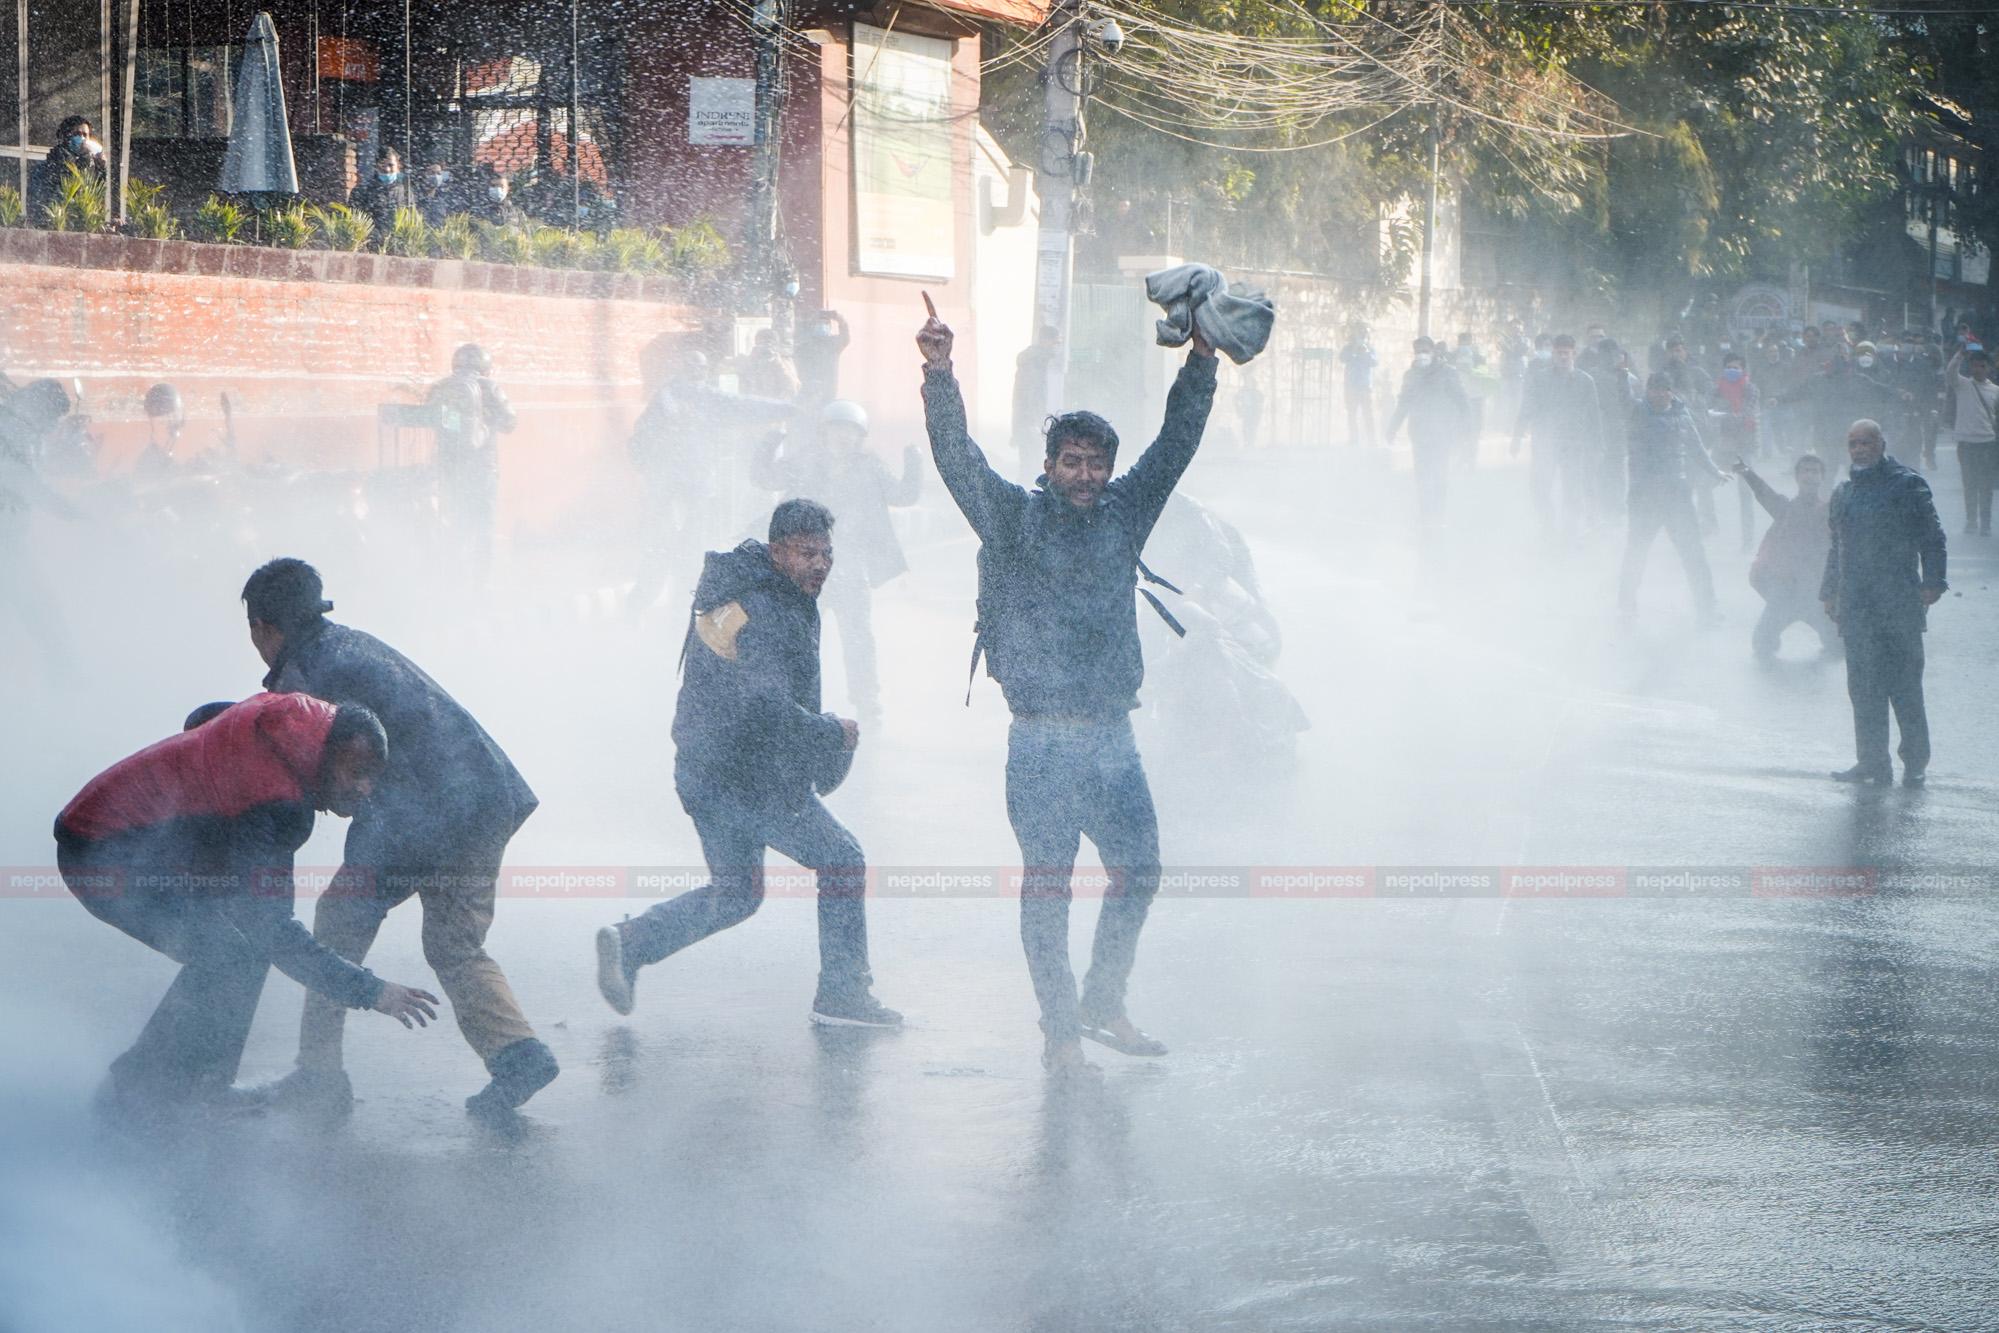 नागरिक मार्चमाथि पानीको फोहोरा (फोटो फिचर)